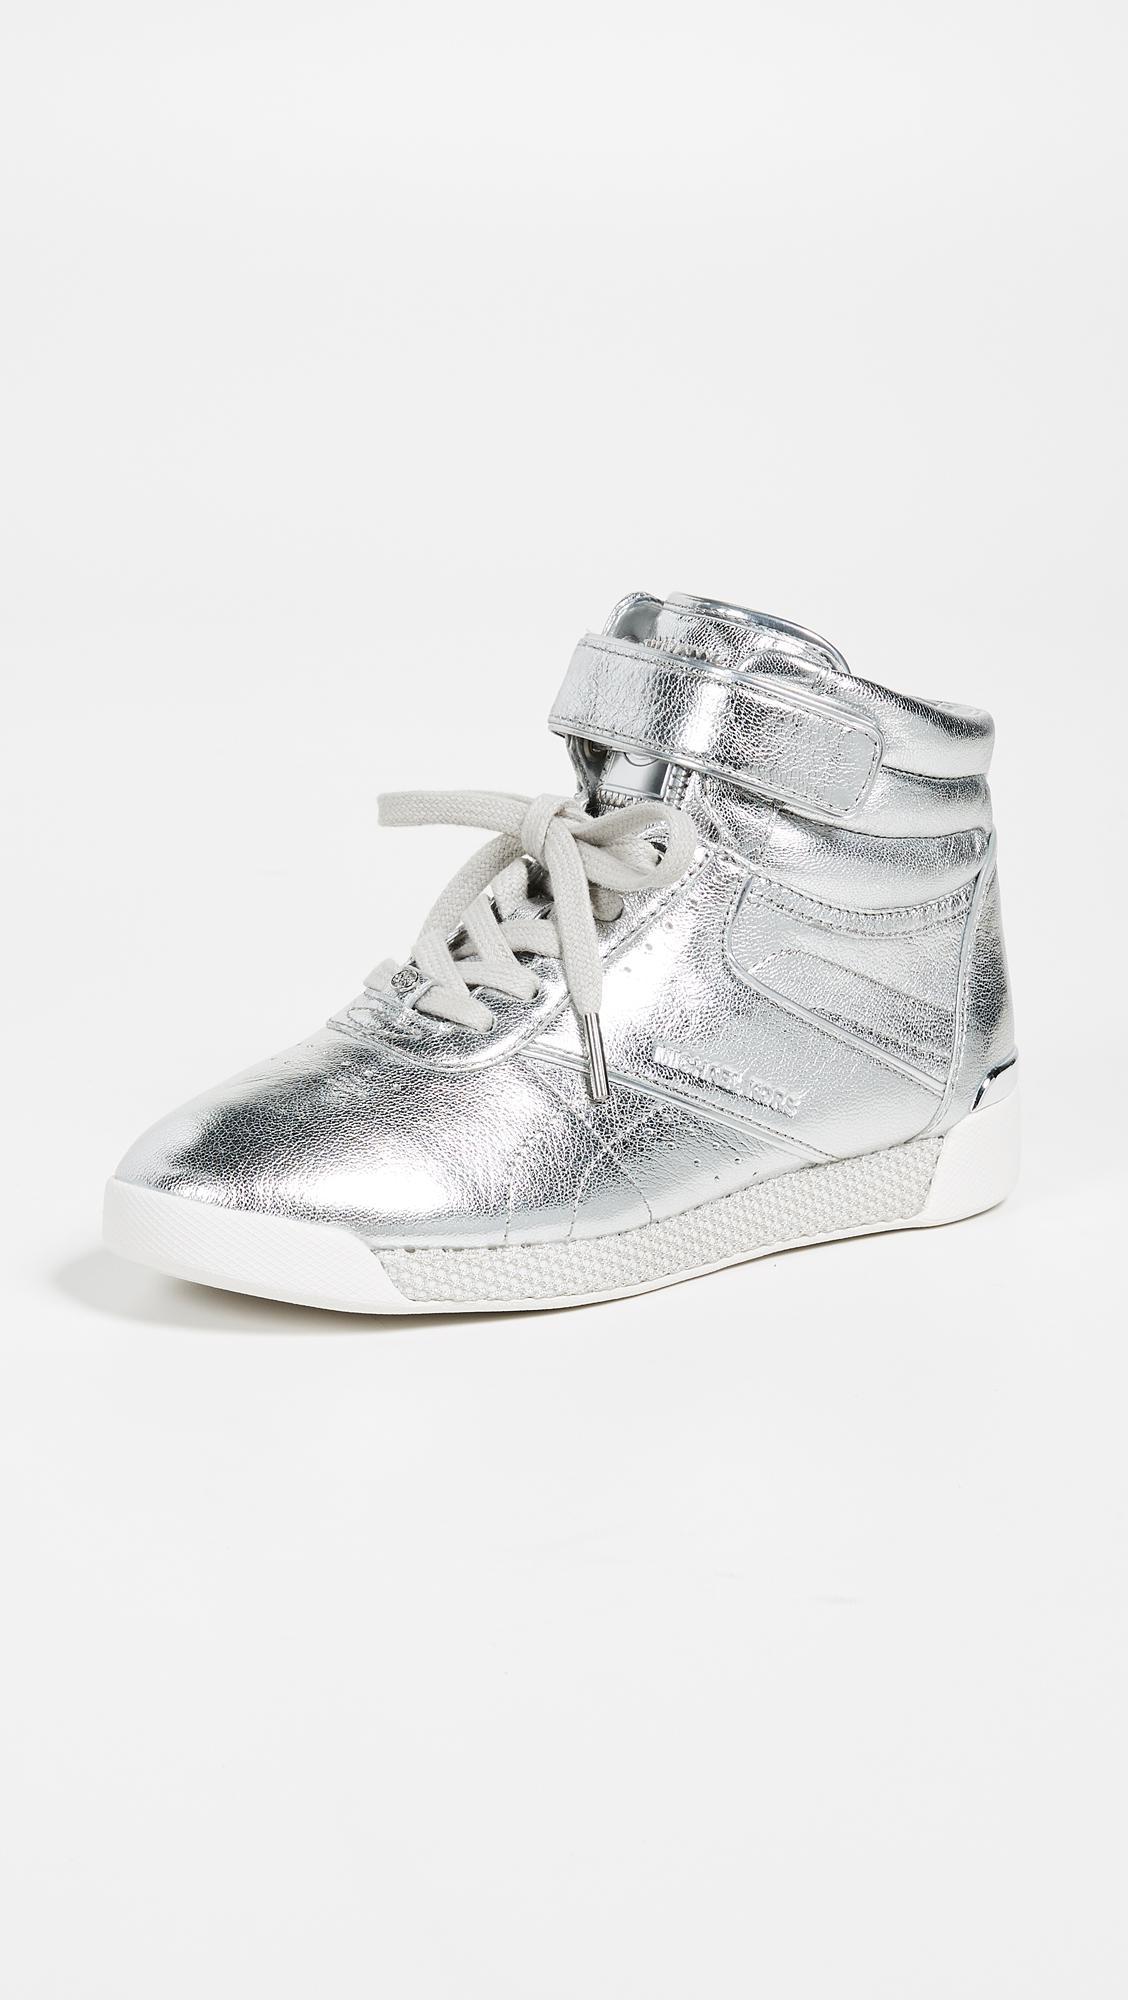 Addie High Top Sneakers Elke9m6uCz